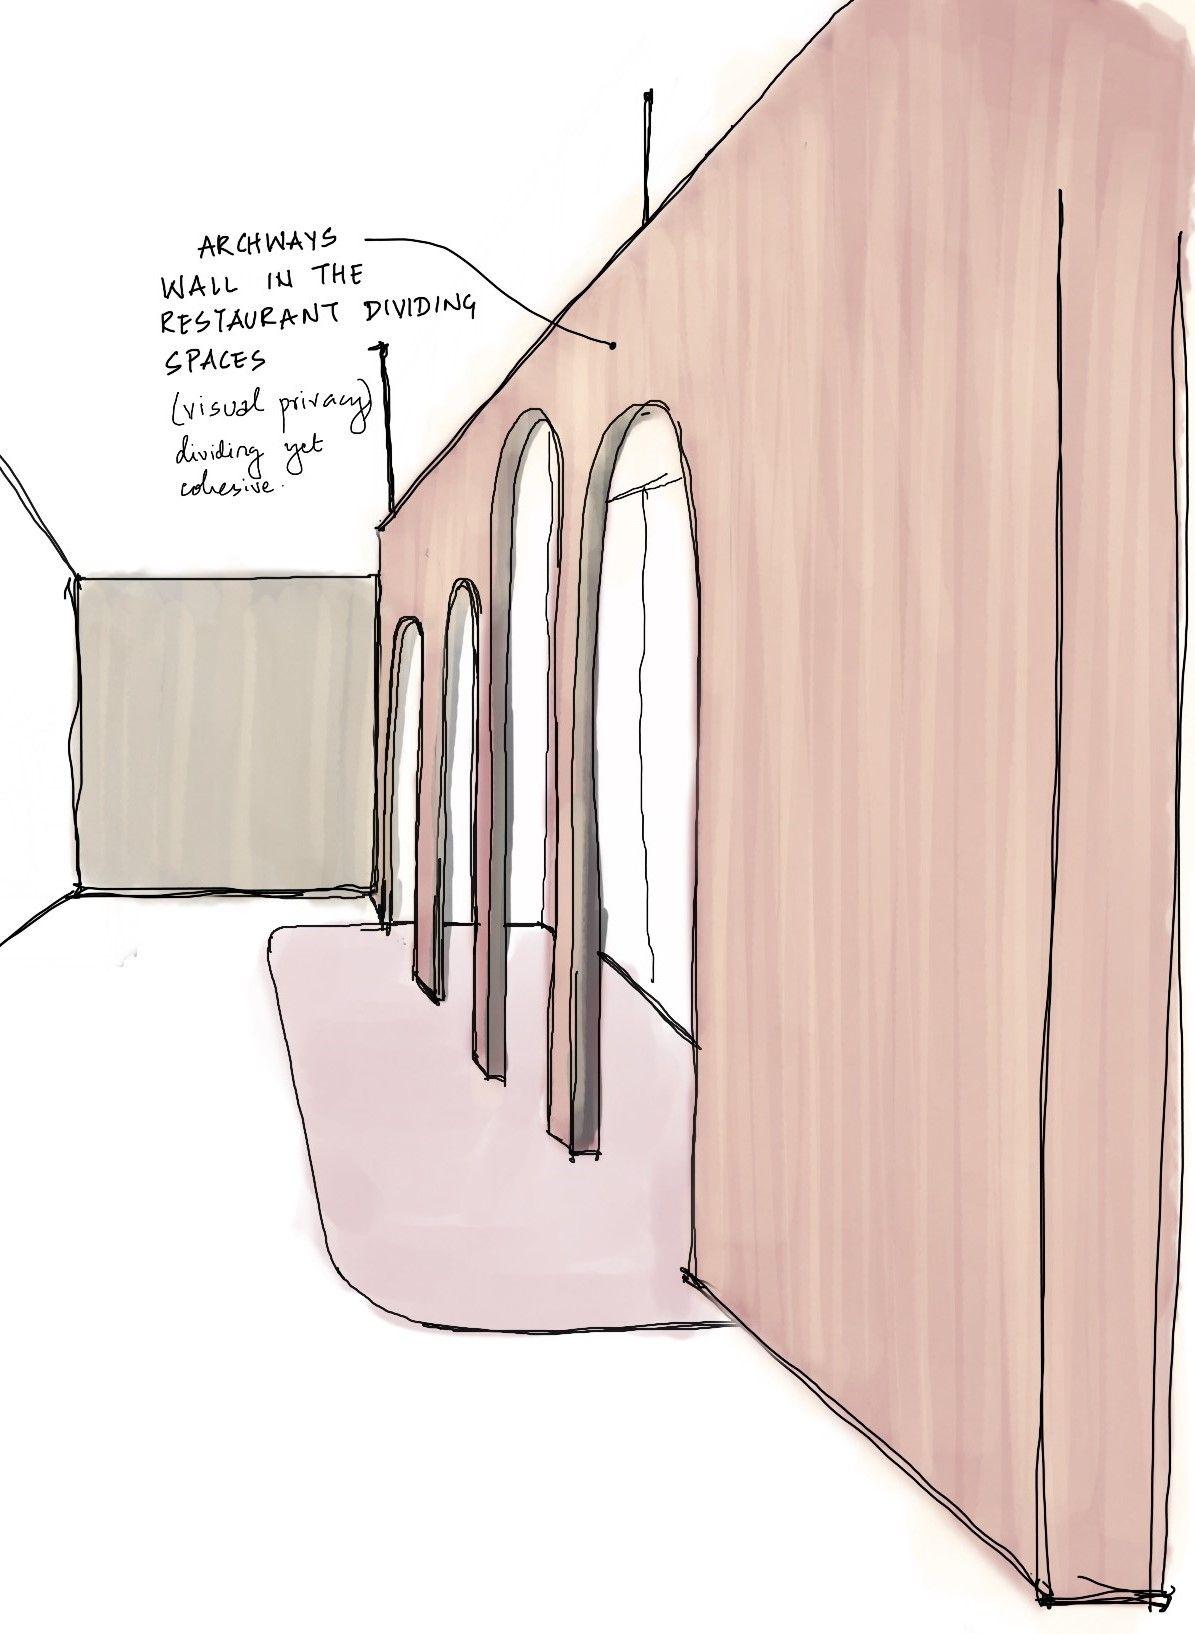 Restaurant arch wall sketch